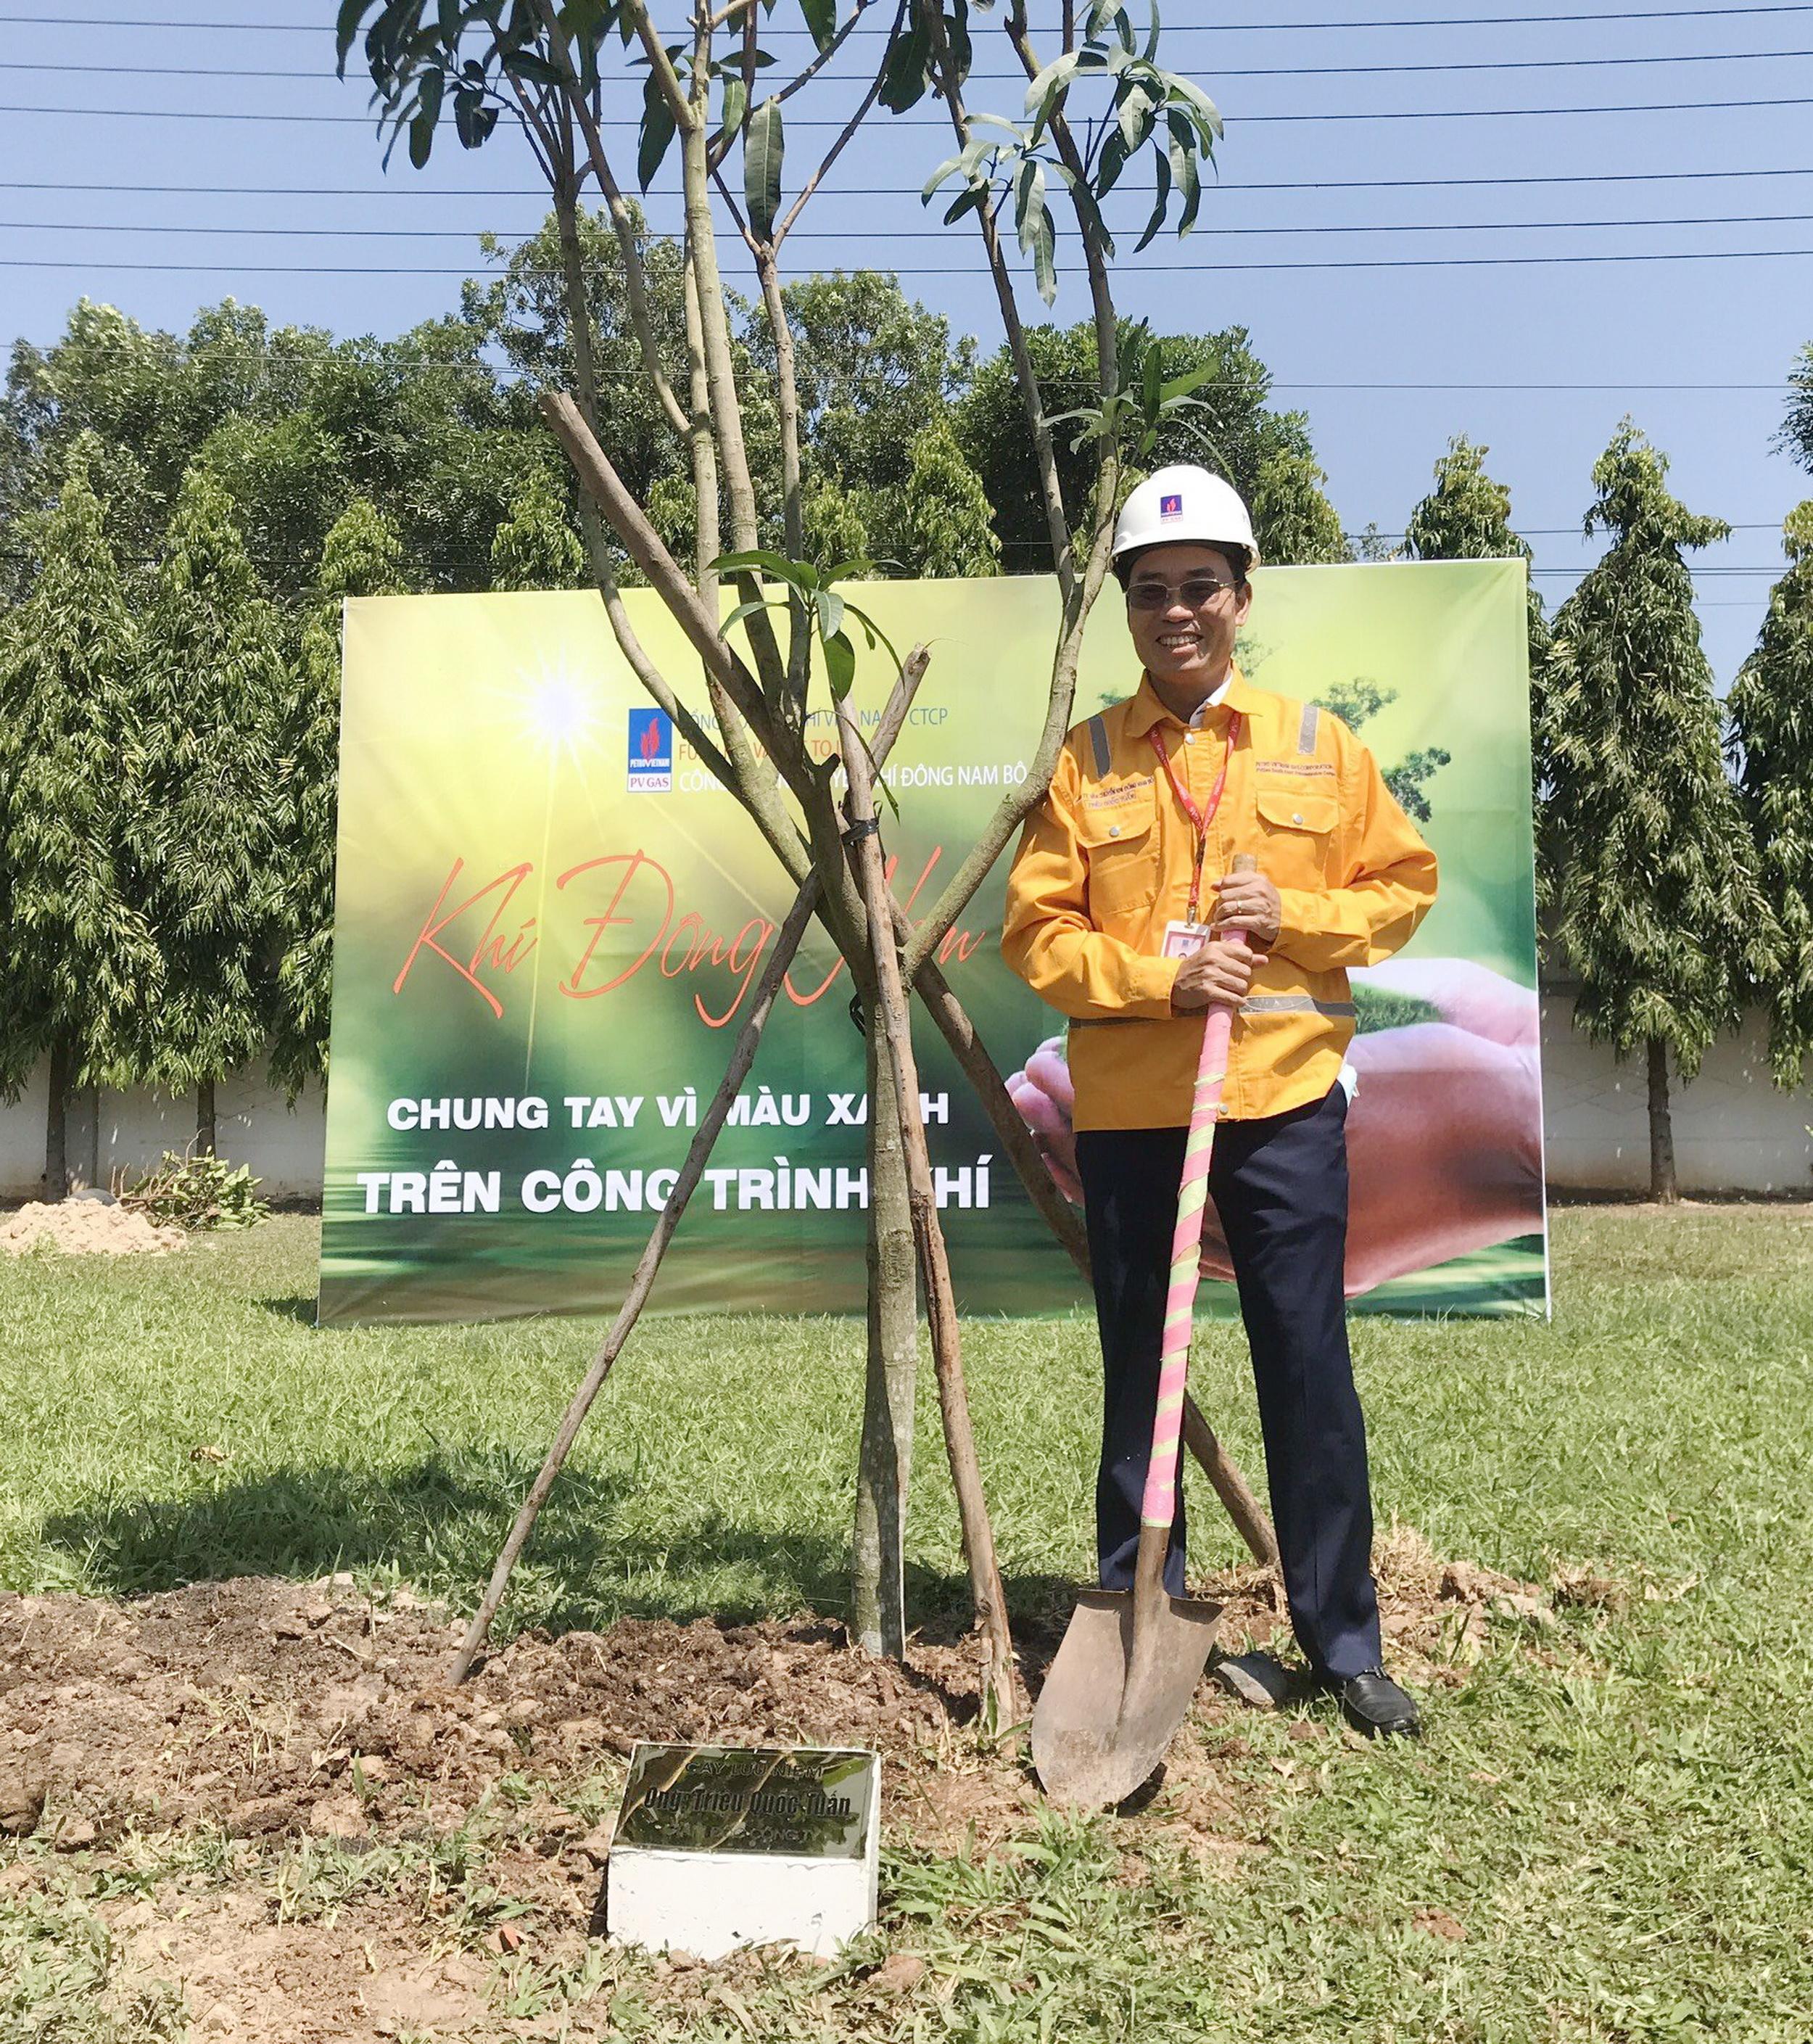 Giám đốc KĐN Triệu Quốc Tuấn kêu gọi tinh thần bảo vệ môi trường của toàn thể CBCNV KĐN